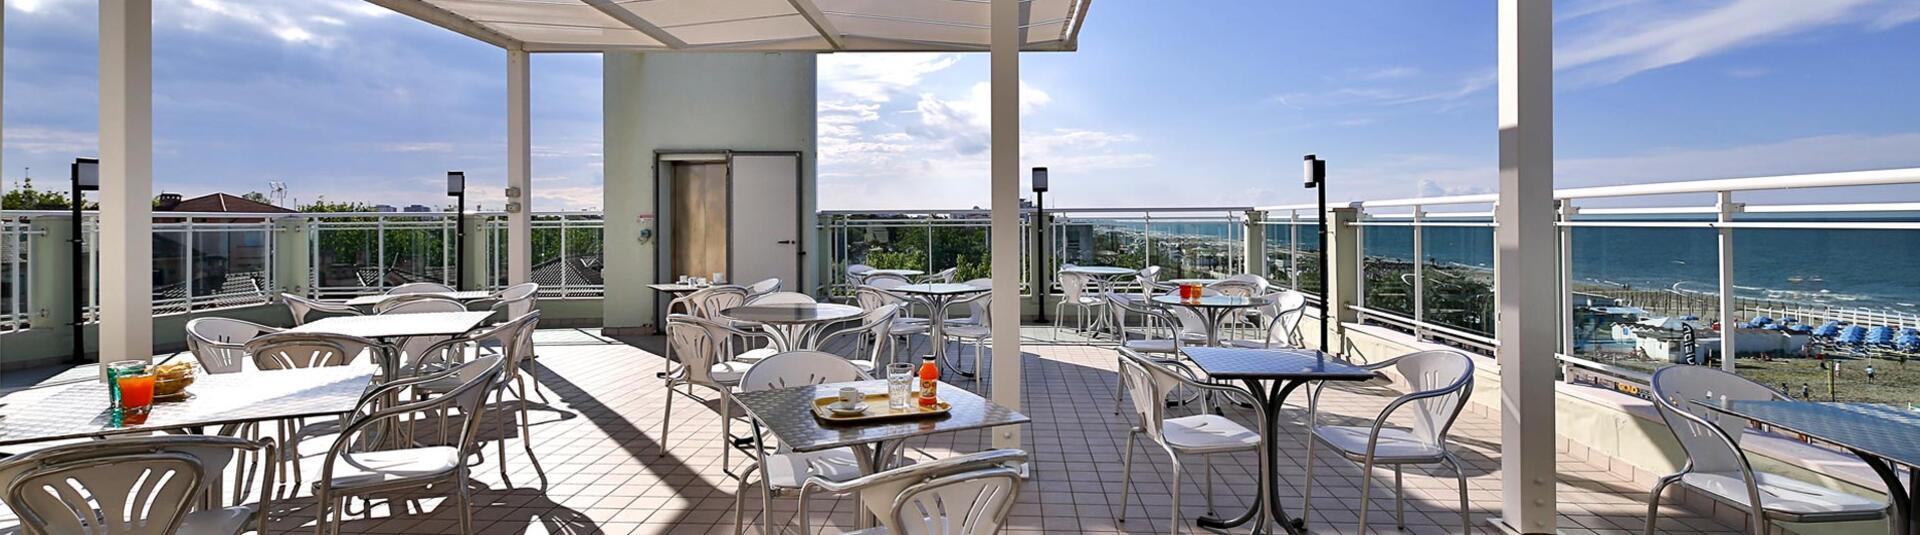 hotelacquamarina it 1-it-310343-offerta-maggio-pensione-completa-n2 004